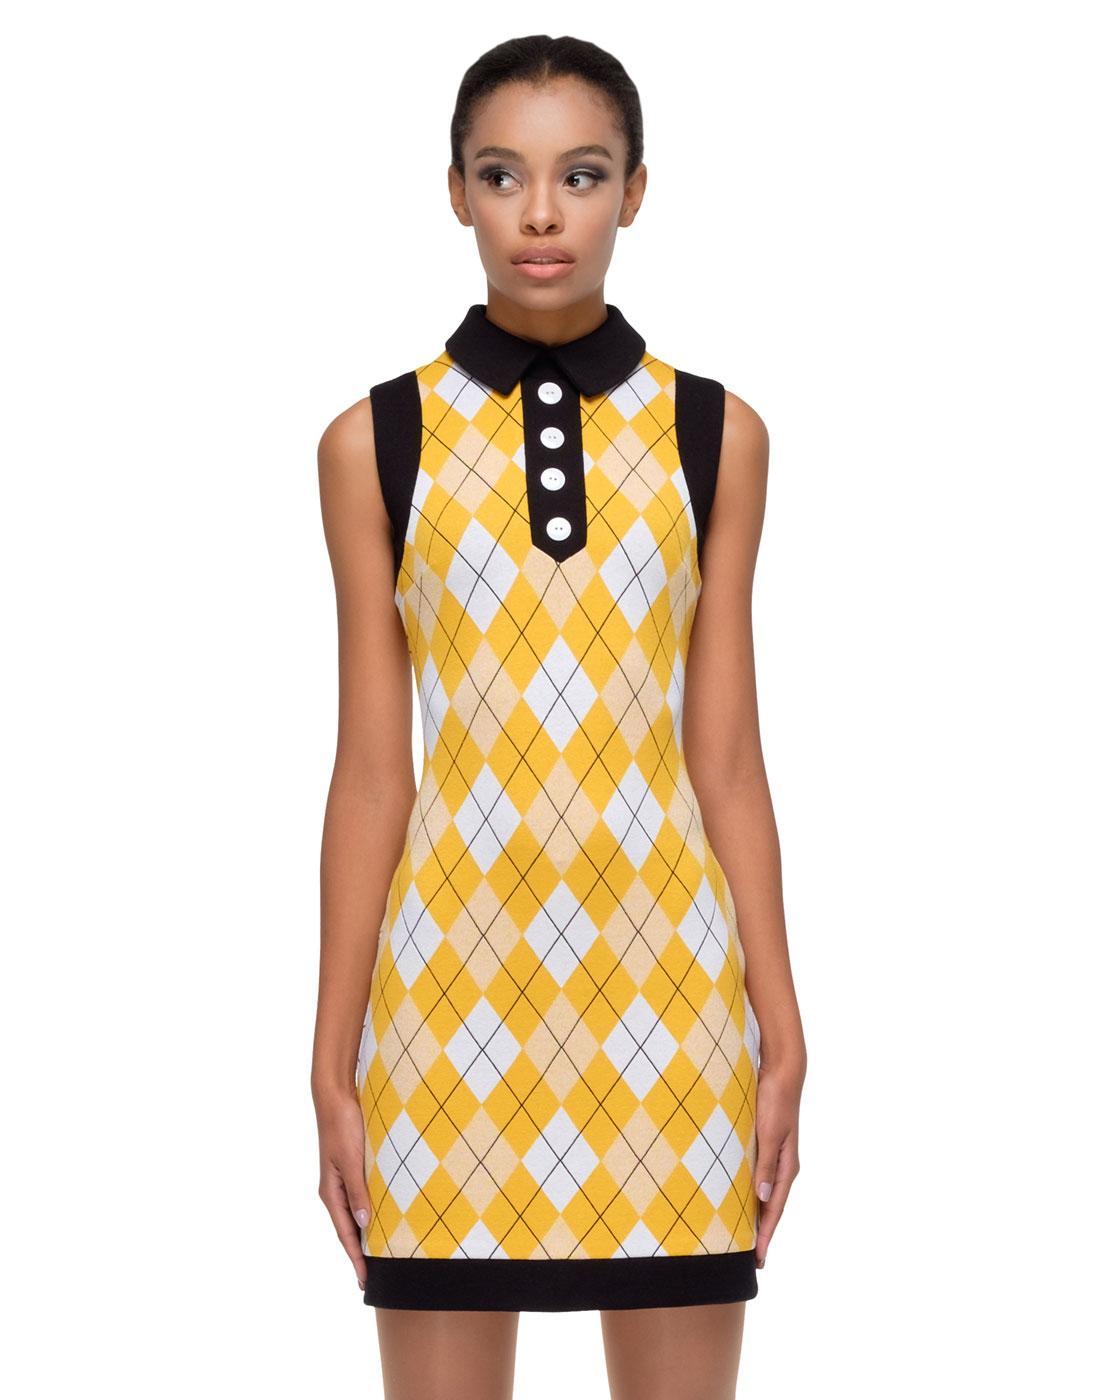 MARMALADE Retro 60s Argyle Mod Summer Dress